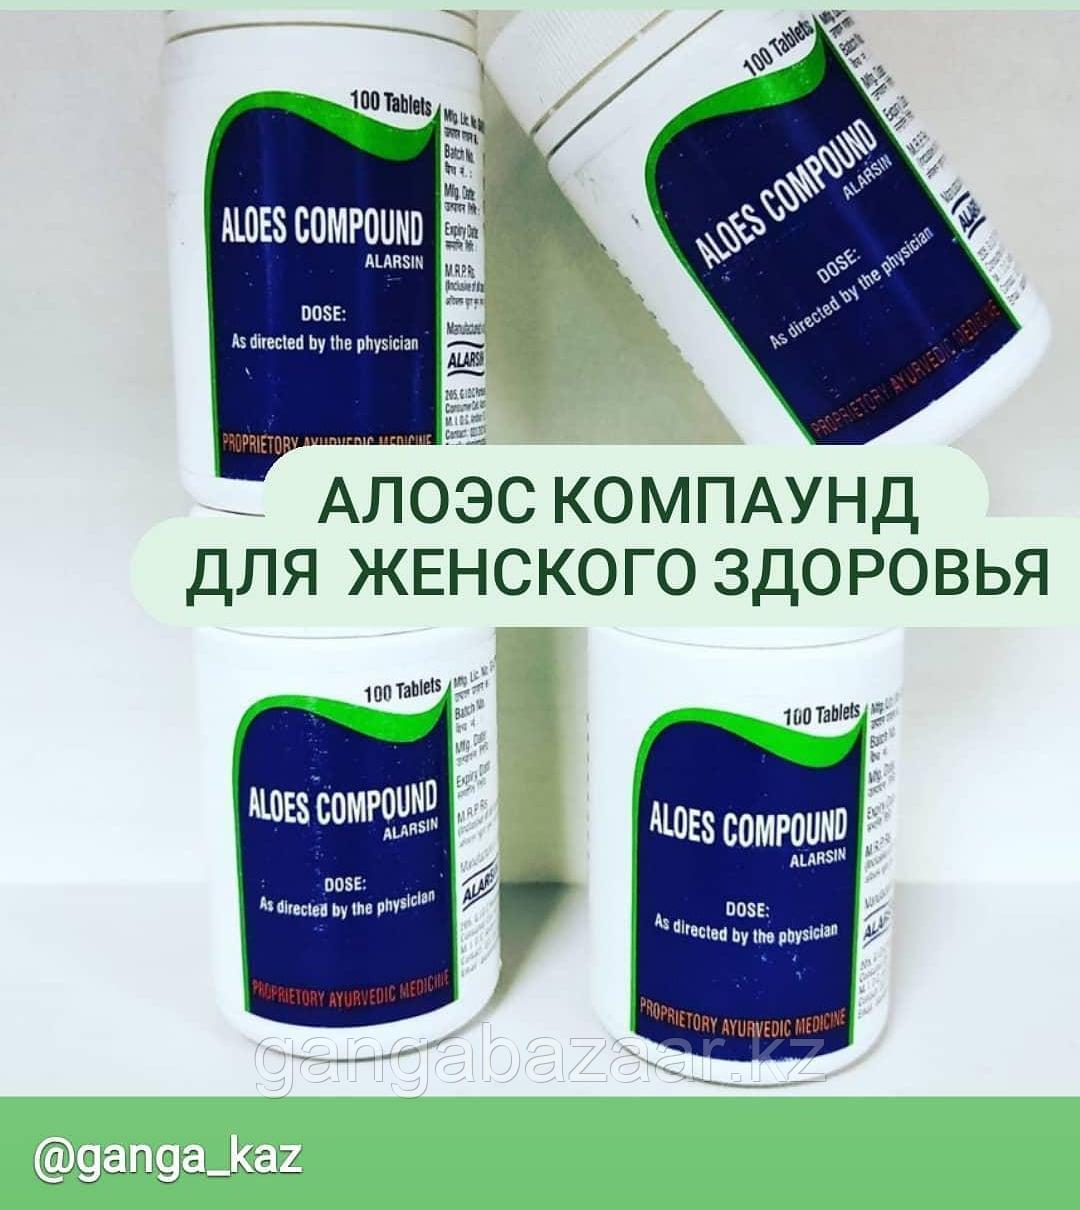 Алоэс Компаунд Аларсин (Aloes Compound Alarsin) при бесплодии, поддержании женского здоровья, 100 табл